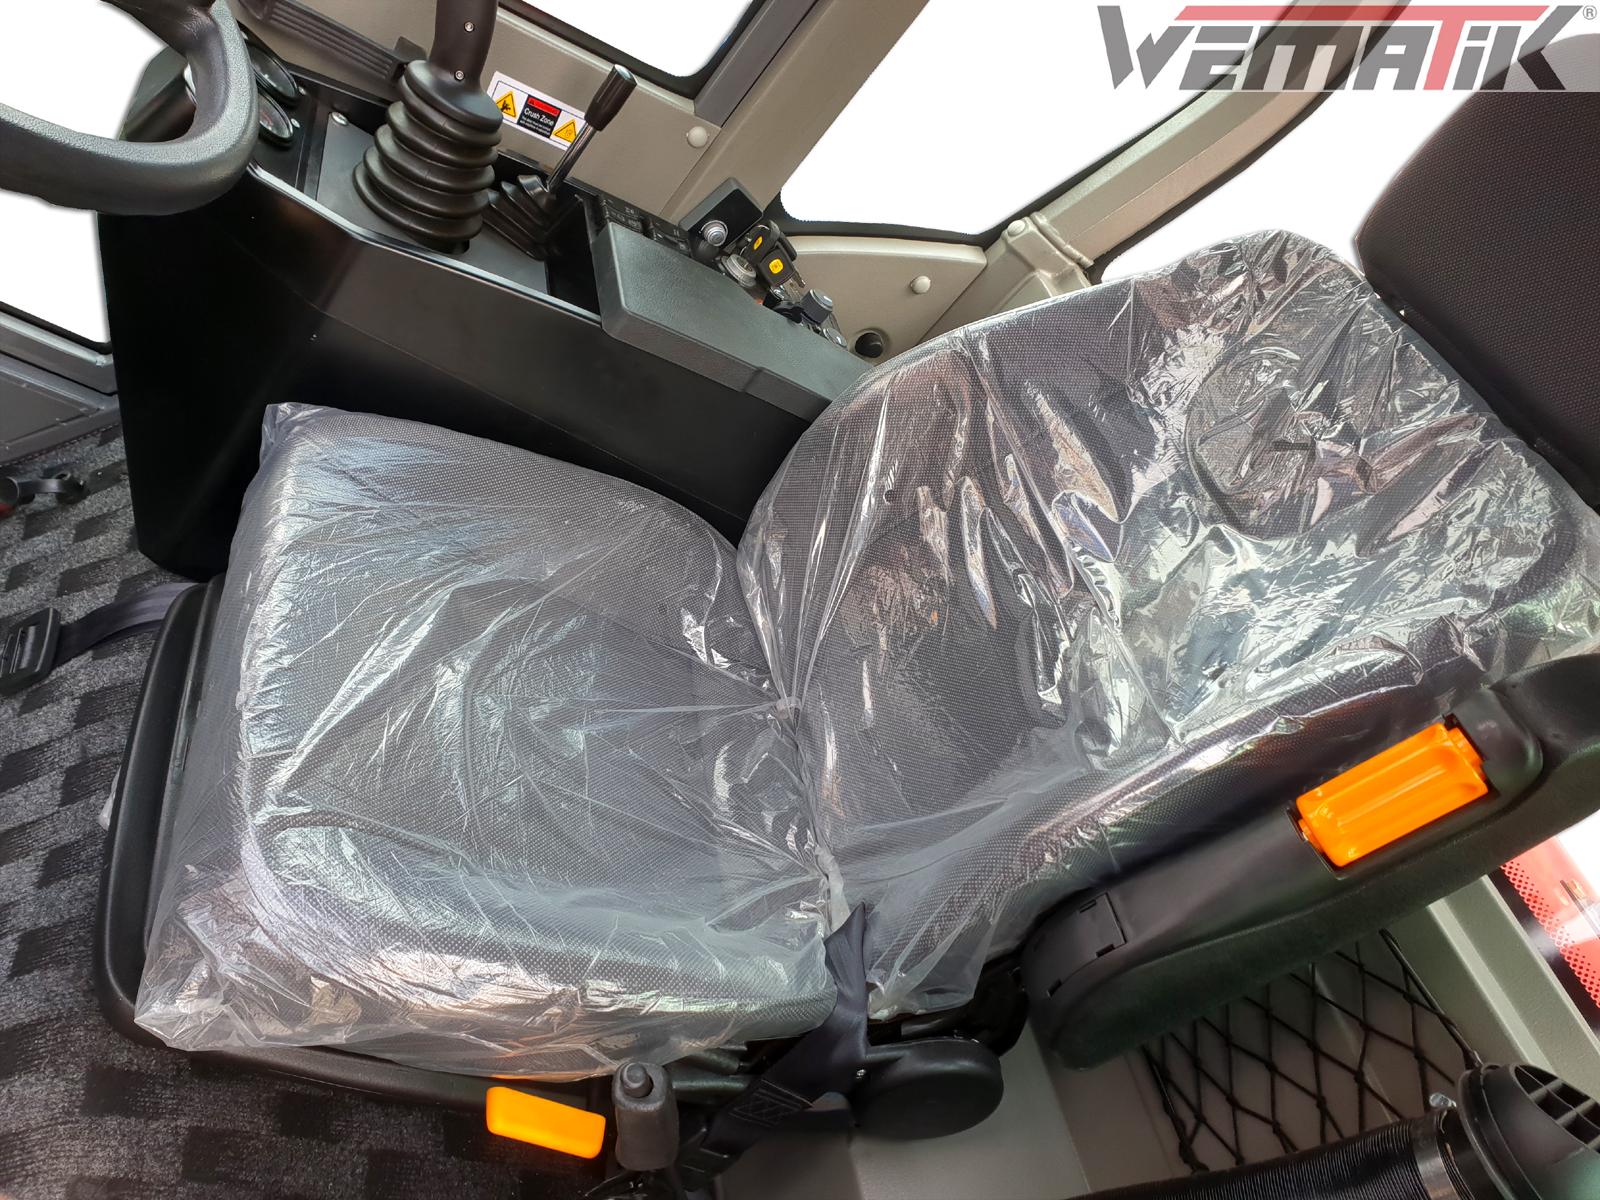 Radlader 816 - 1600 kg Hubkraft